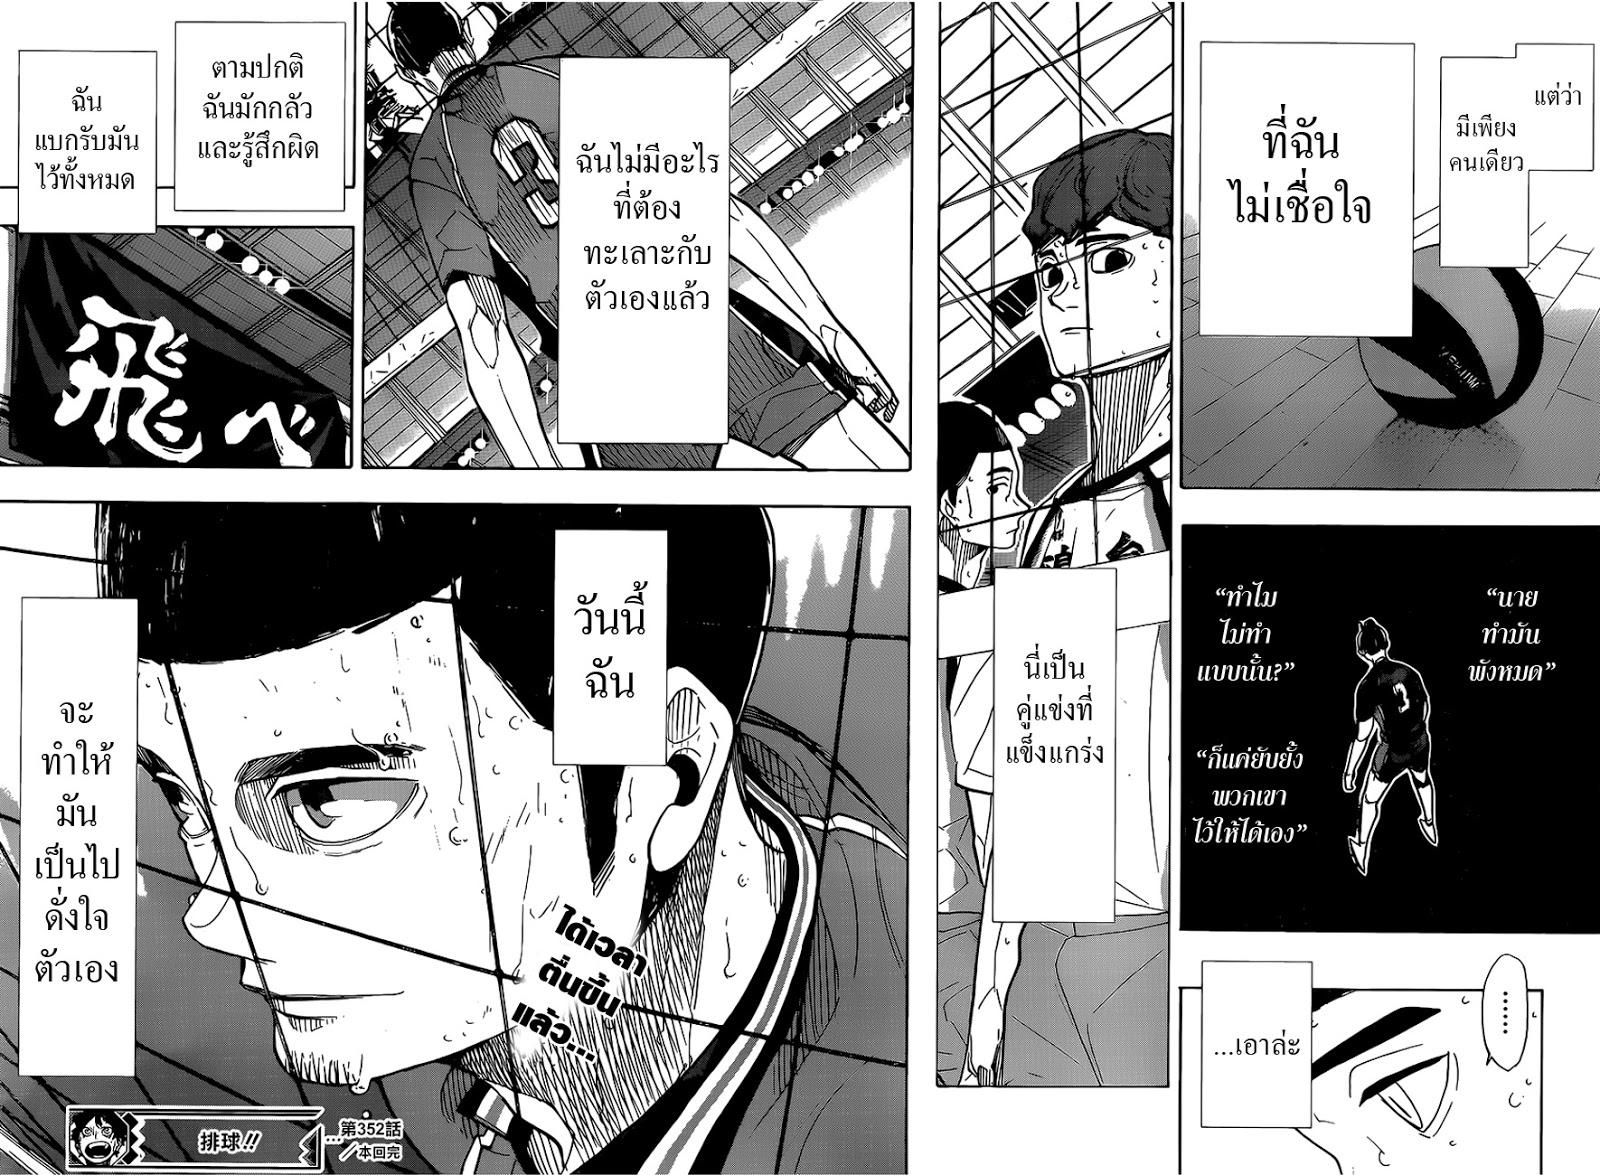 อ่านการ์ตูน Haikyuu!! ตอนที่ 352 หน้าที่ 16